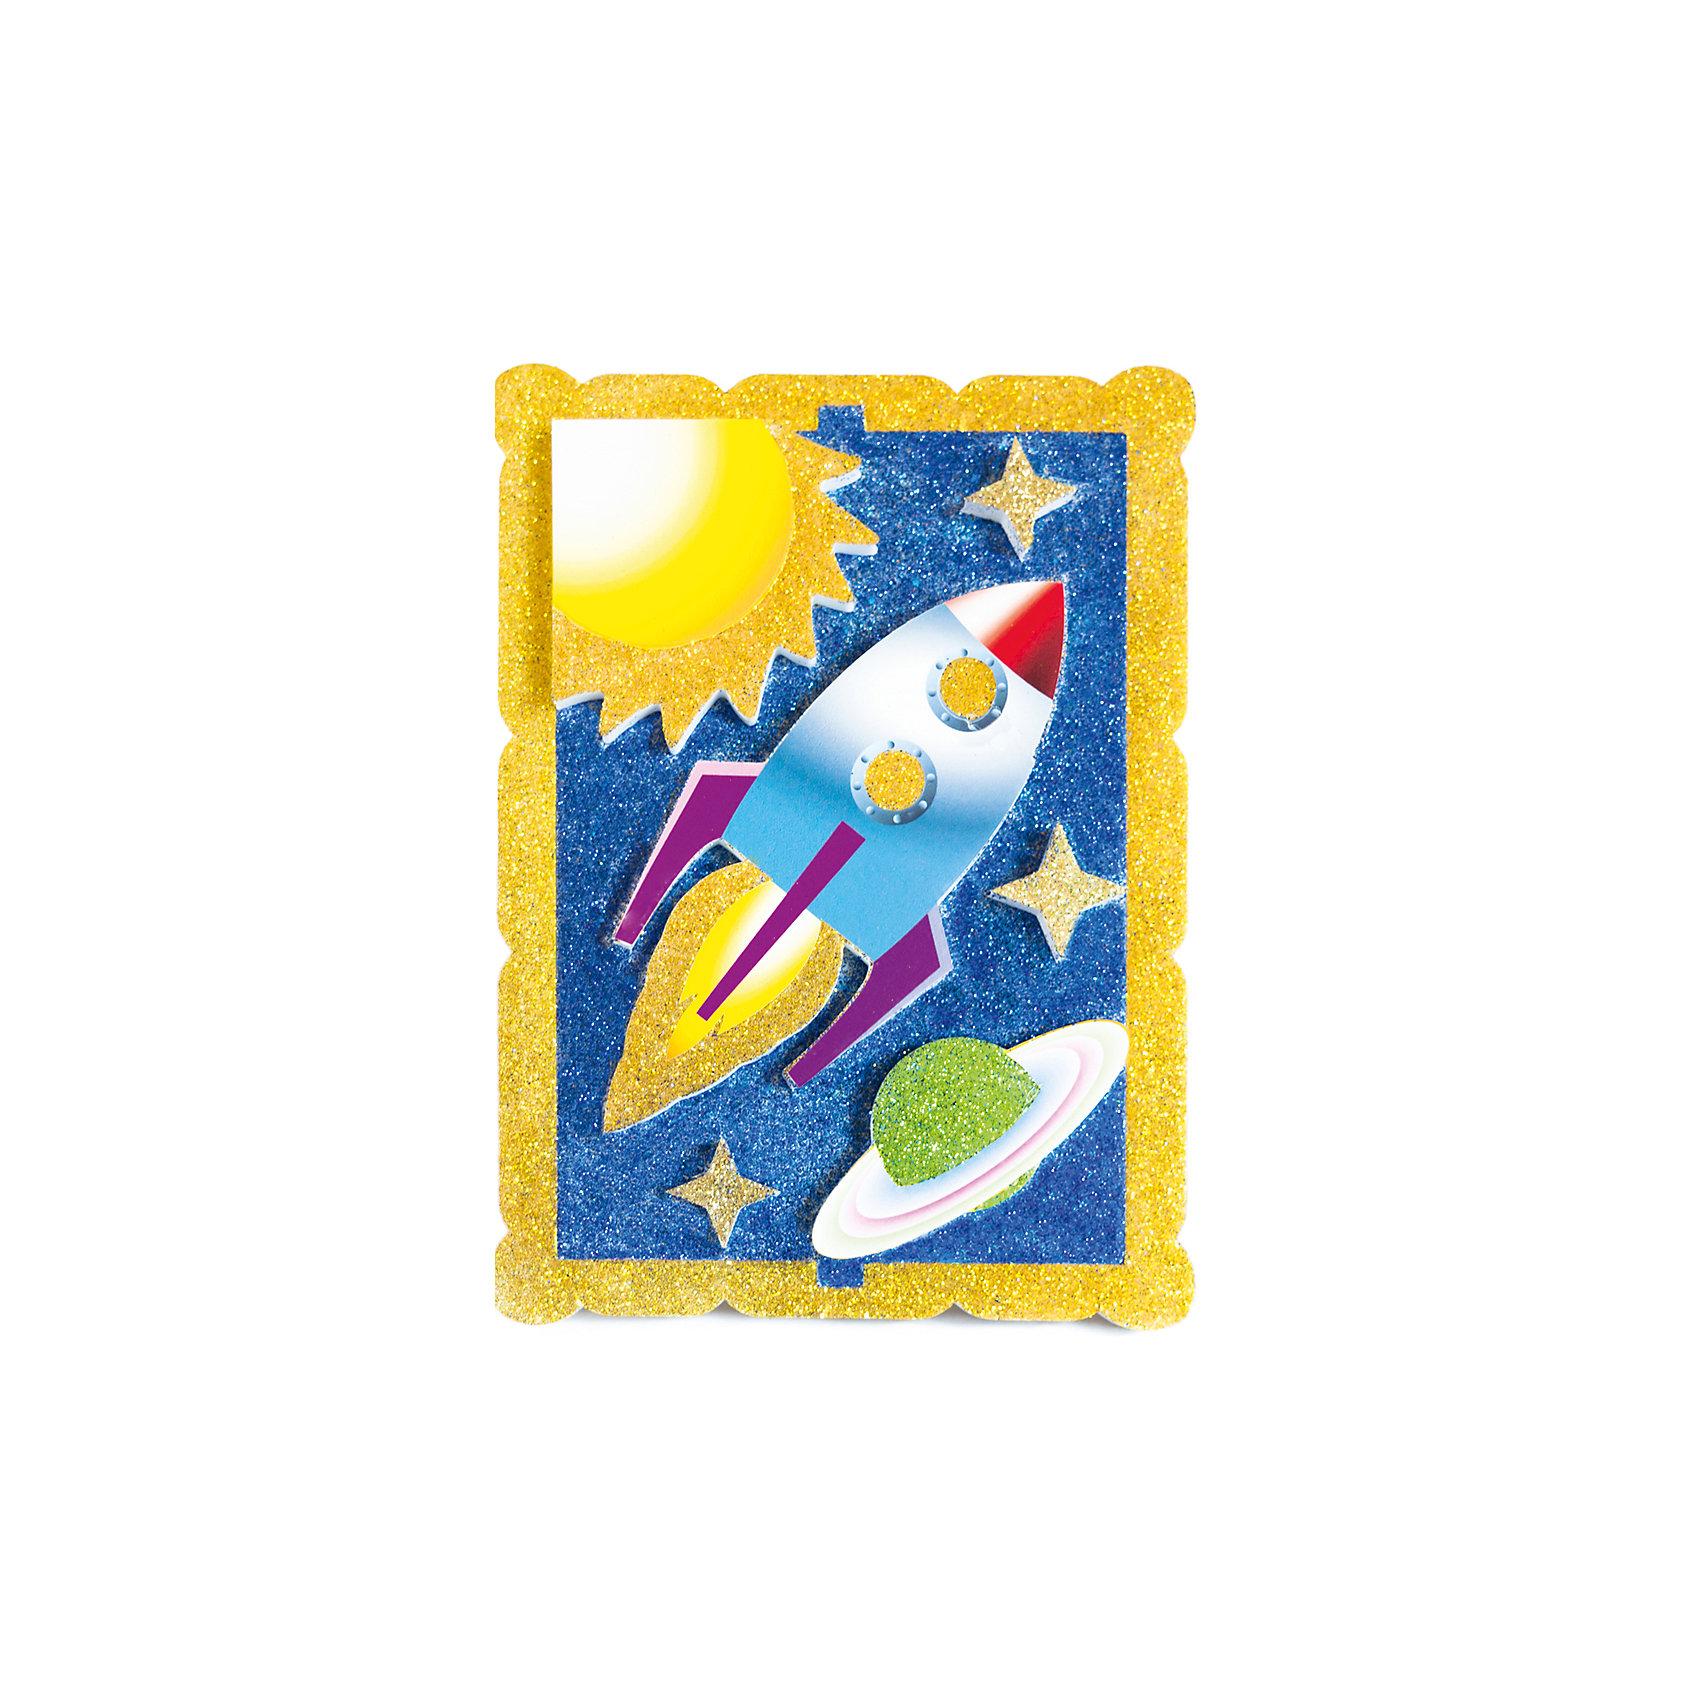 Набор для творчества Космическое путешествие PicnMixРукоделие<br>Набор для творчества Космическое путешествие -это объёмная красочная картина-аппликация, которая помогает тренировать зрительную память координацию движений и способствует развитию мелкой мотрики рук.<br><br>Ширина мм: 21<br>Глубина мм: 16<br>Высота мм: 5<br>Вес г: 140<br>Возраст от месяцев: 36<br>Возраст до месяцев: 120<br>Пол: Унисекс<br>Возраст: Детский<br>SKU: 5007392